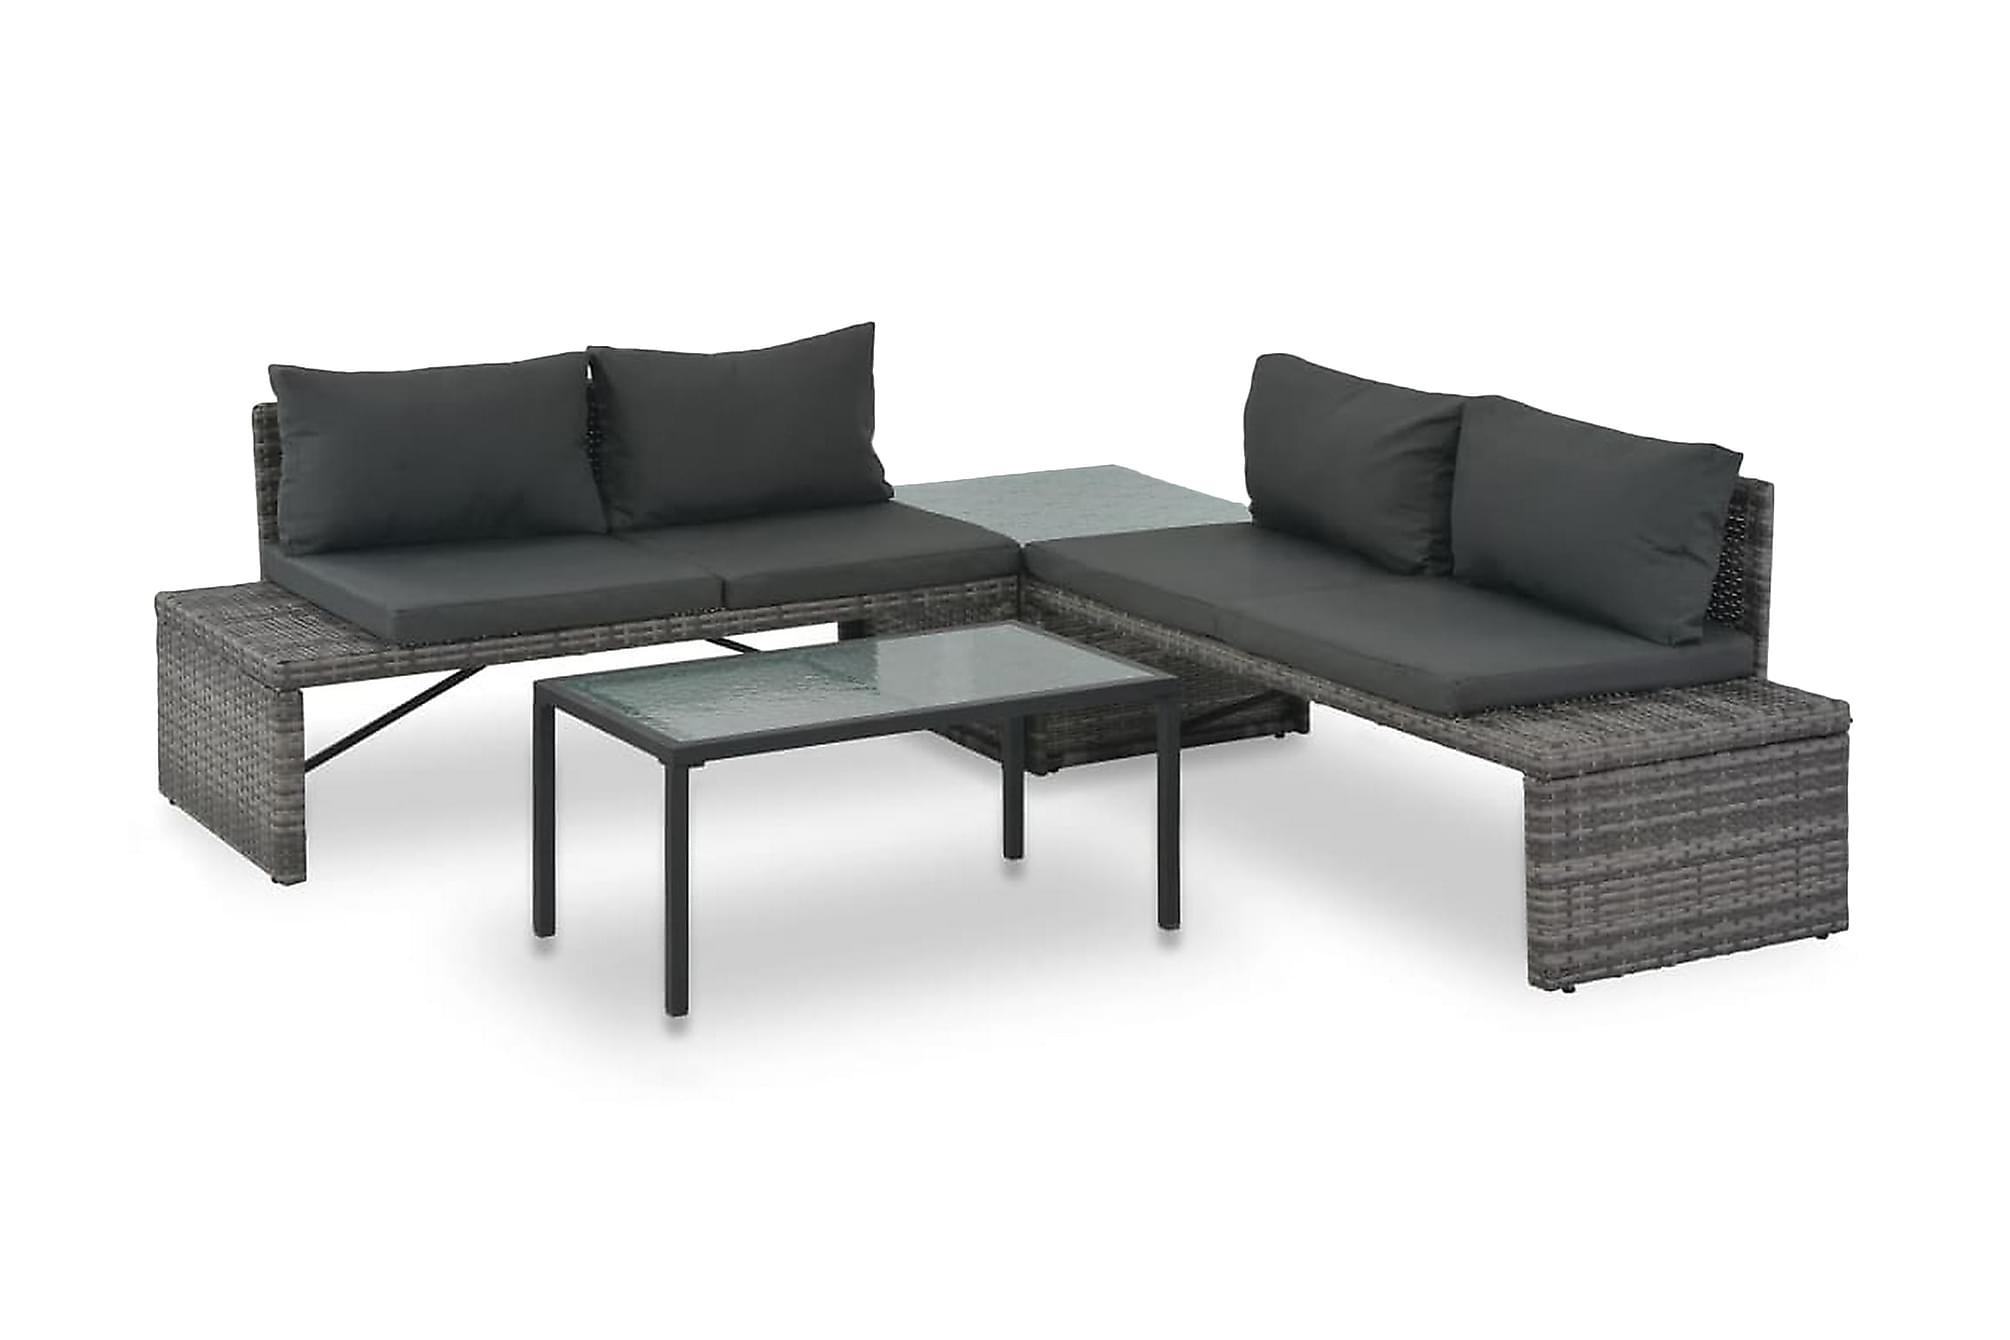 Soffgrupp för trädgården 3 delar med dynor konstrotting grå, Loungesoffa